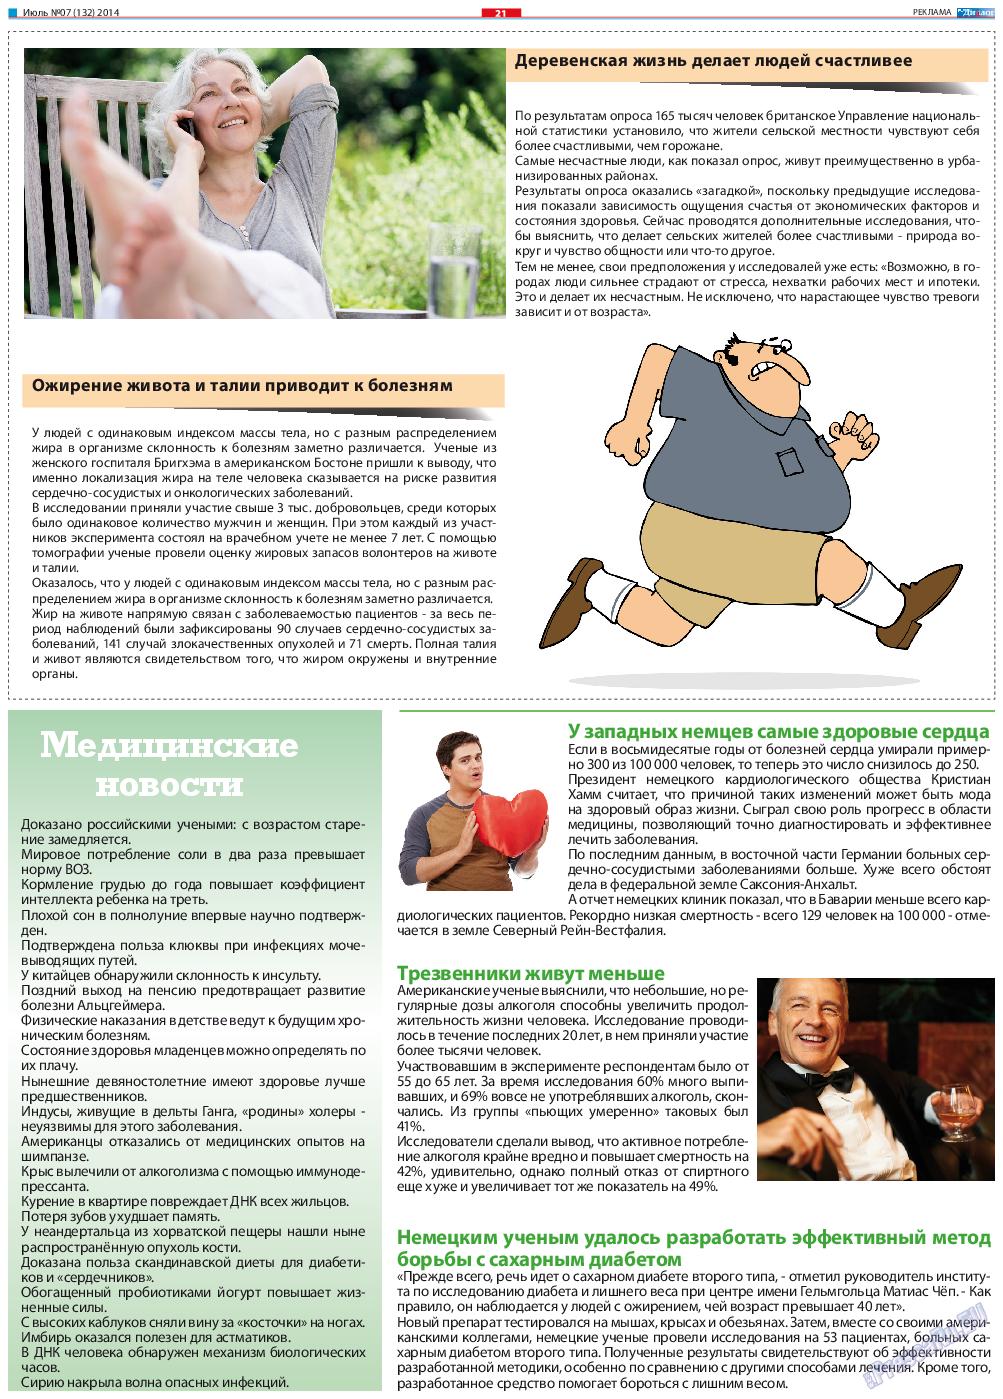 Диалог (газета). 2014 год, номер 7, стр. 21